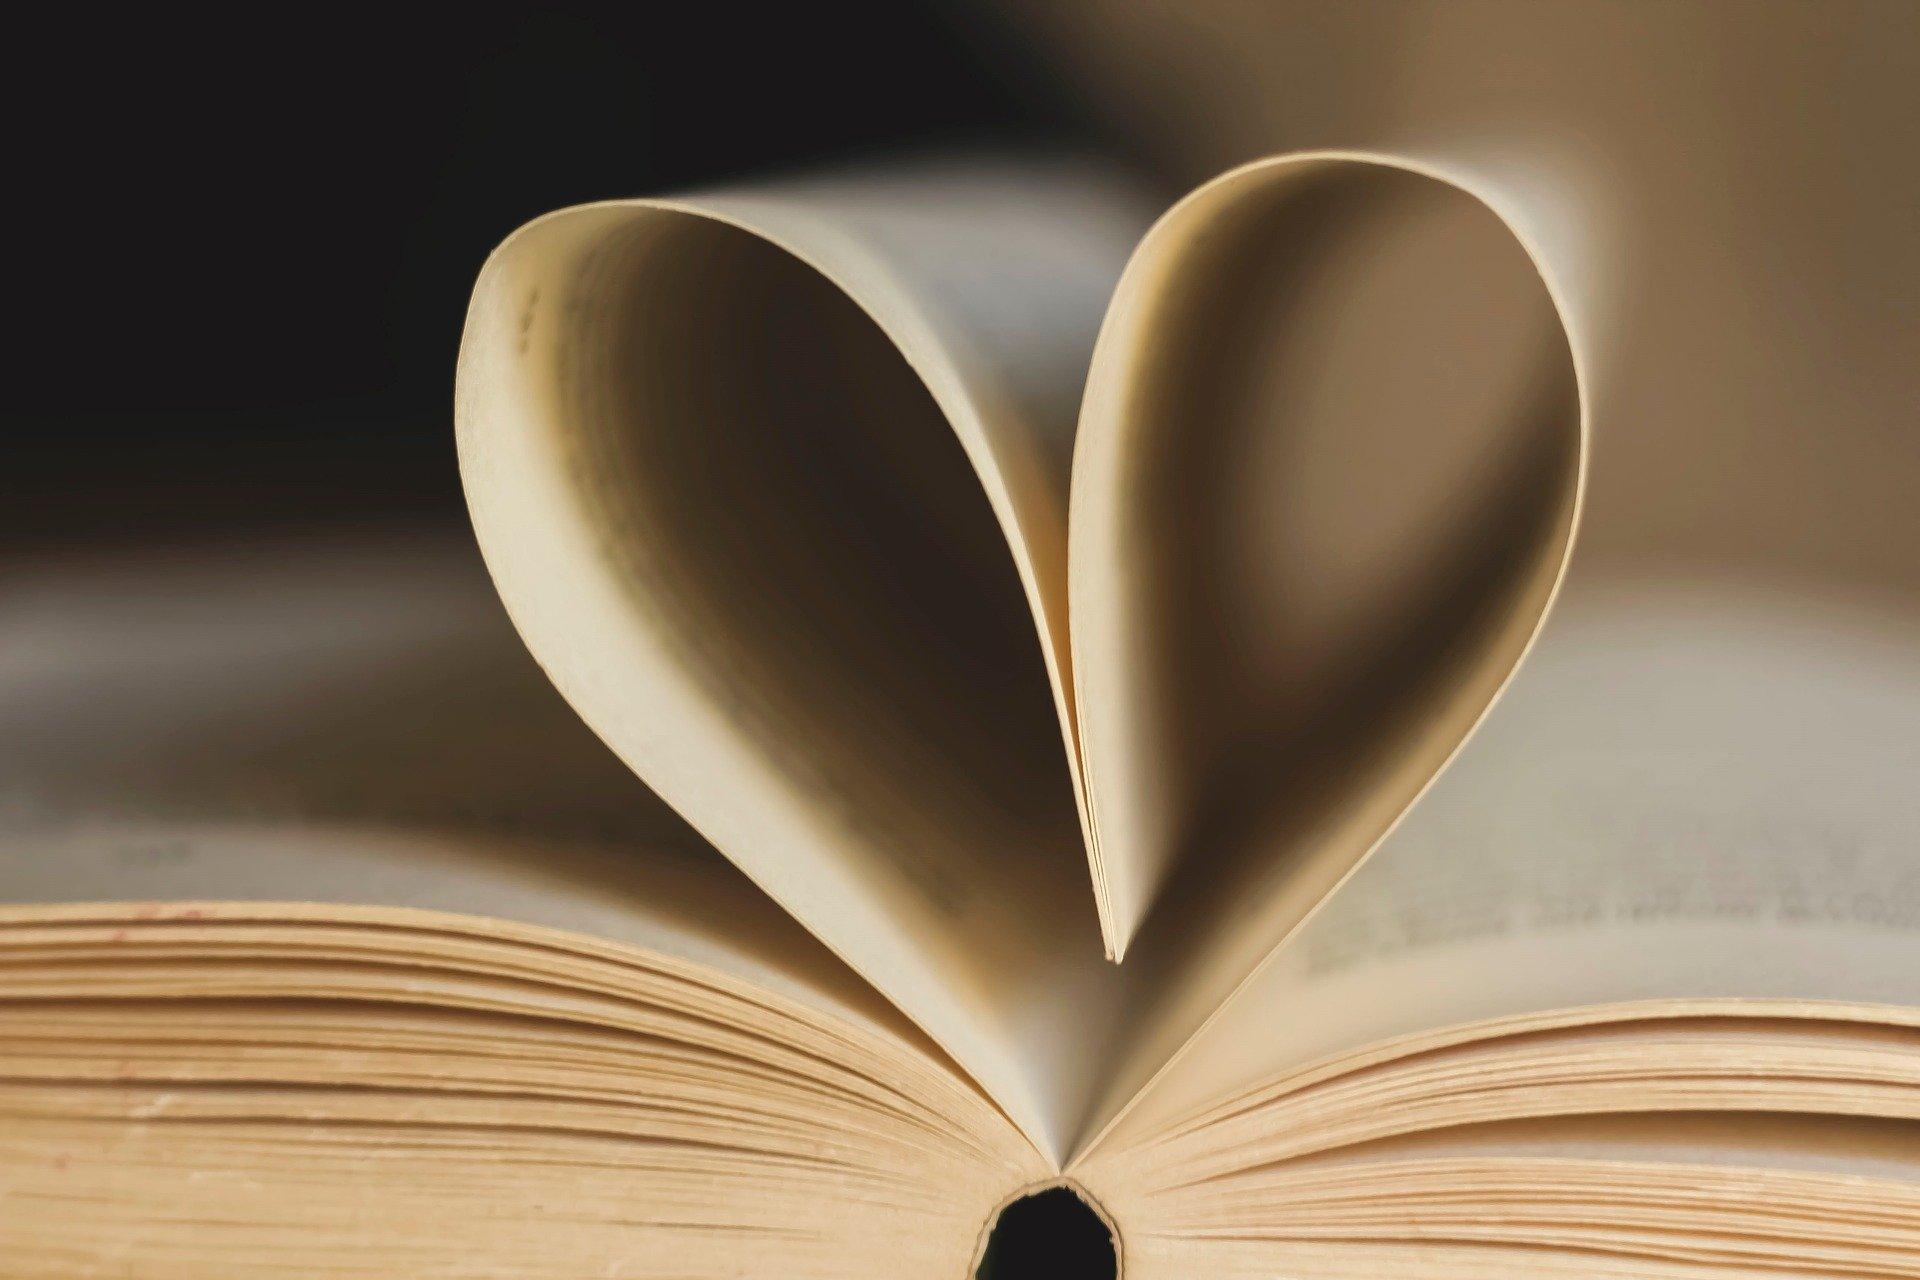 Zdjęcie książki, której kartki tworzą serce